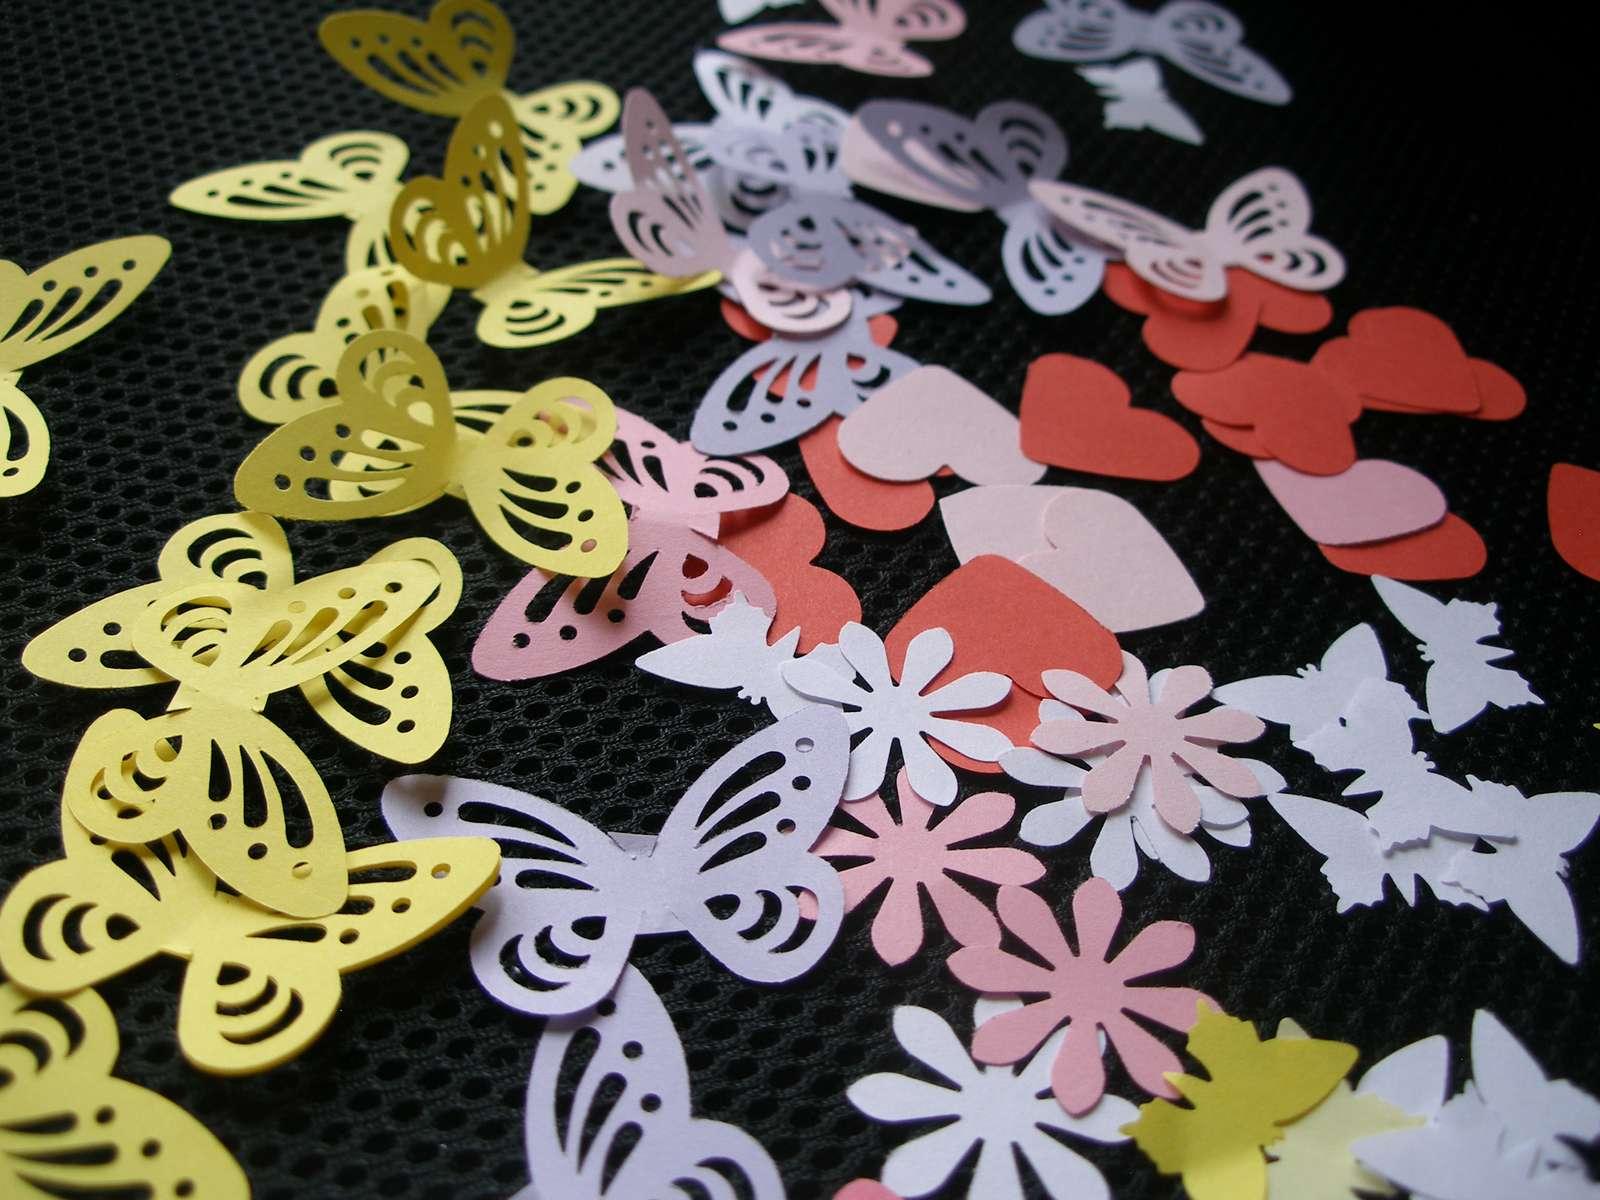 Papierové dekorácie - srdiečka - Obrázok č. 2